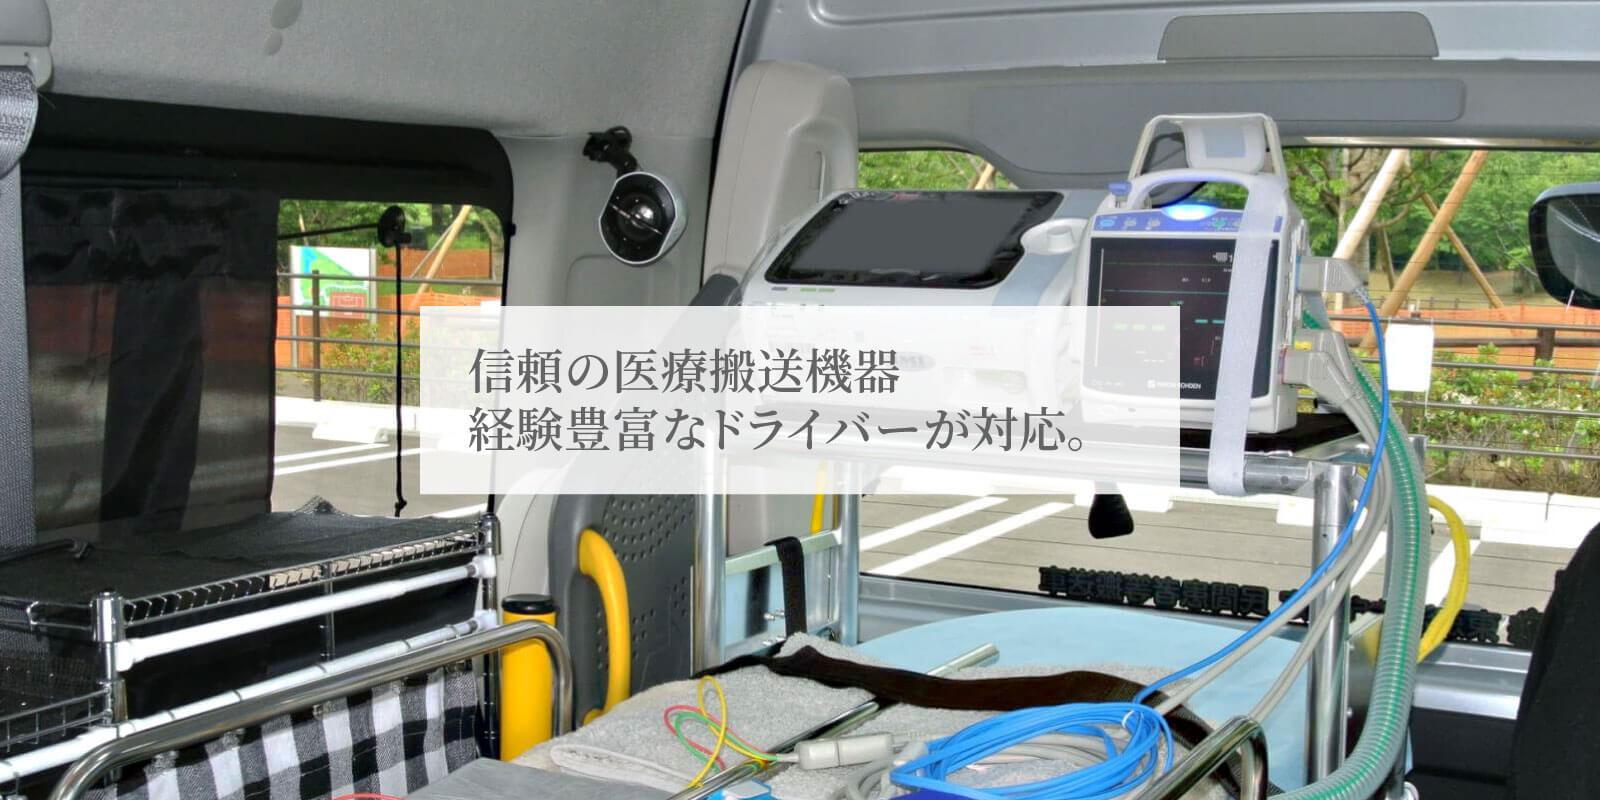 信頼の医療搬送機器、経験豊富なドライバーが対応。